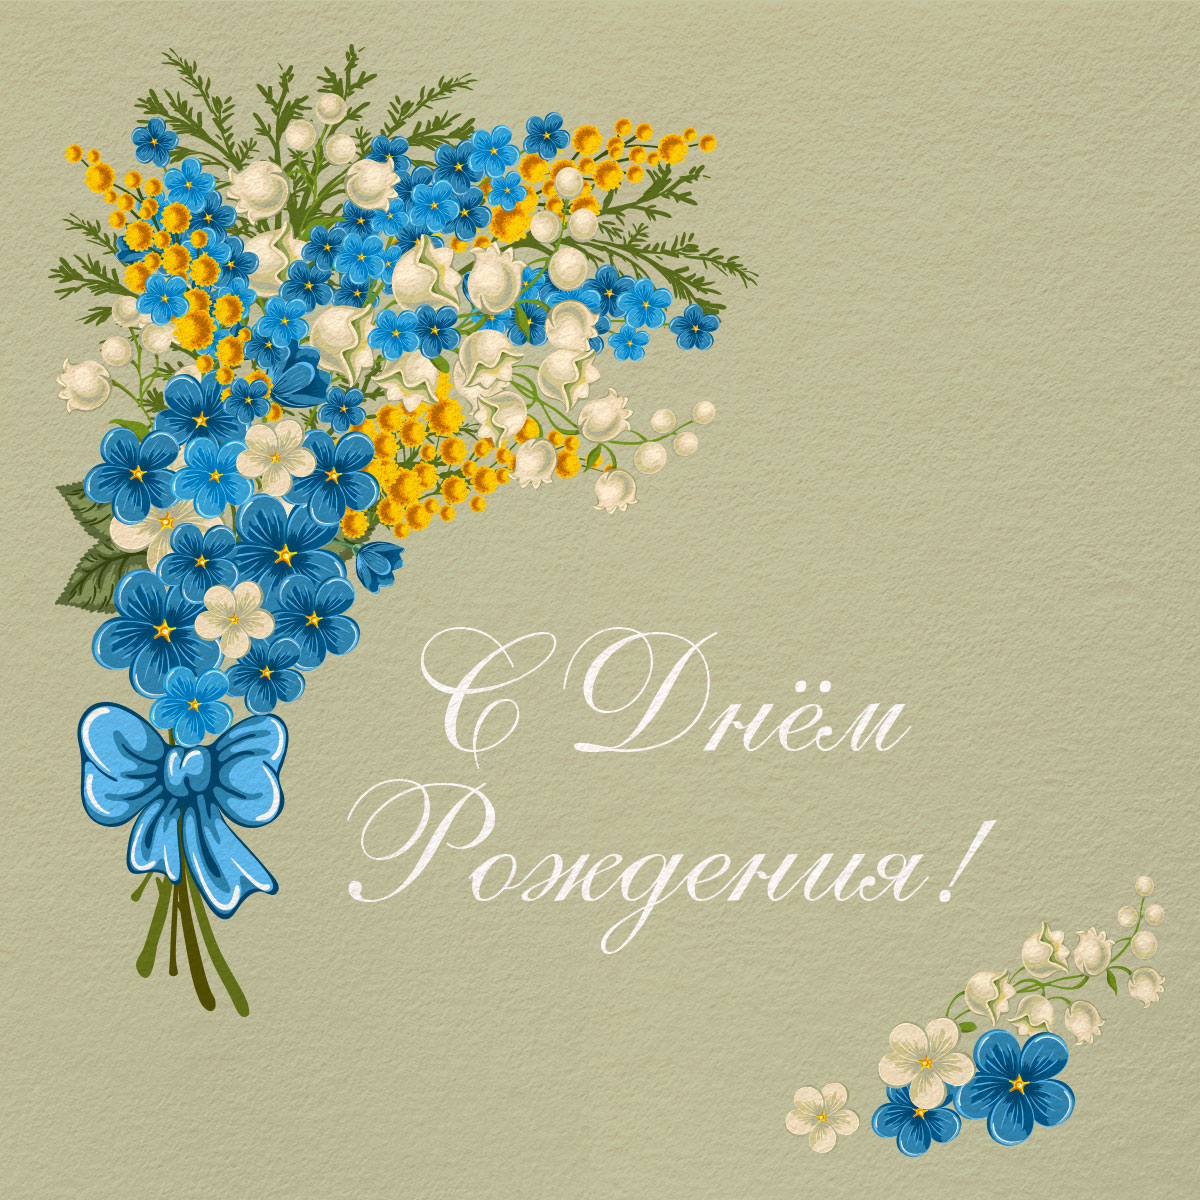 Картинка в ретро стиле со срезанными полевыми цветами и текстом поздравления.